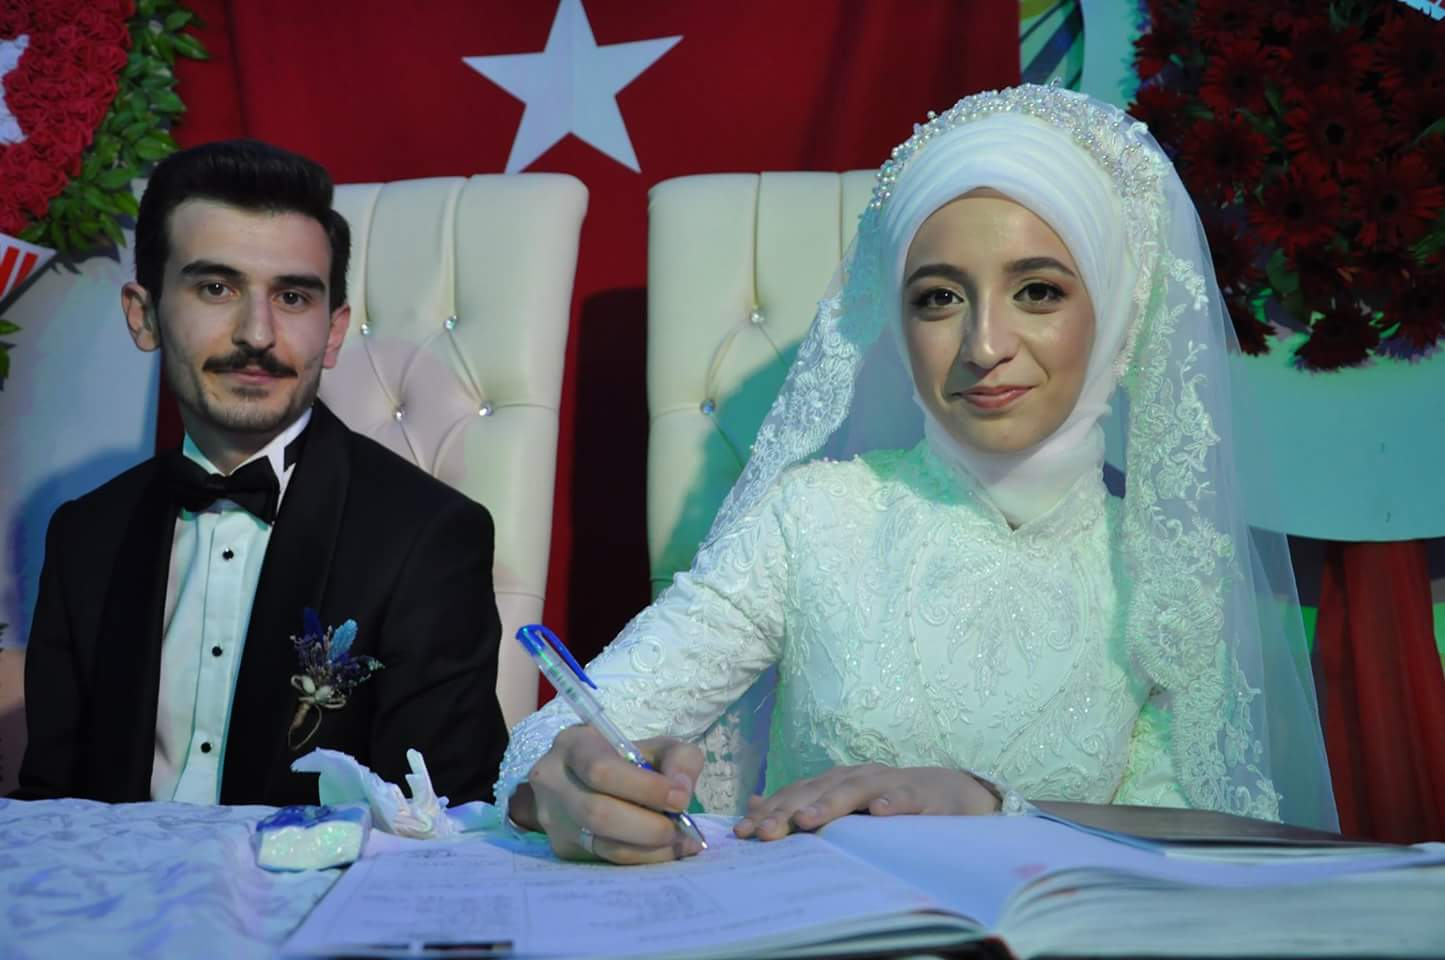 İlçenin tanınmış ve sevilen öğretmenlerinden Güler & Haydar Peşmen çiftinin oğlu Mahmut Andaç, Hatice & Seyit Koç çiftinin kızı Tuğba ile hayatını birleştirdi. Genç çiftin nikahını Sungurlu Belediye Başkanı Abdulkadir Şahiner kıydı.   Sungurlu Haber